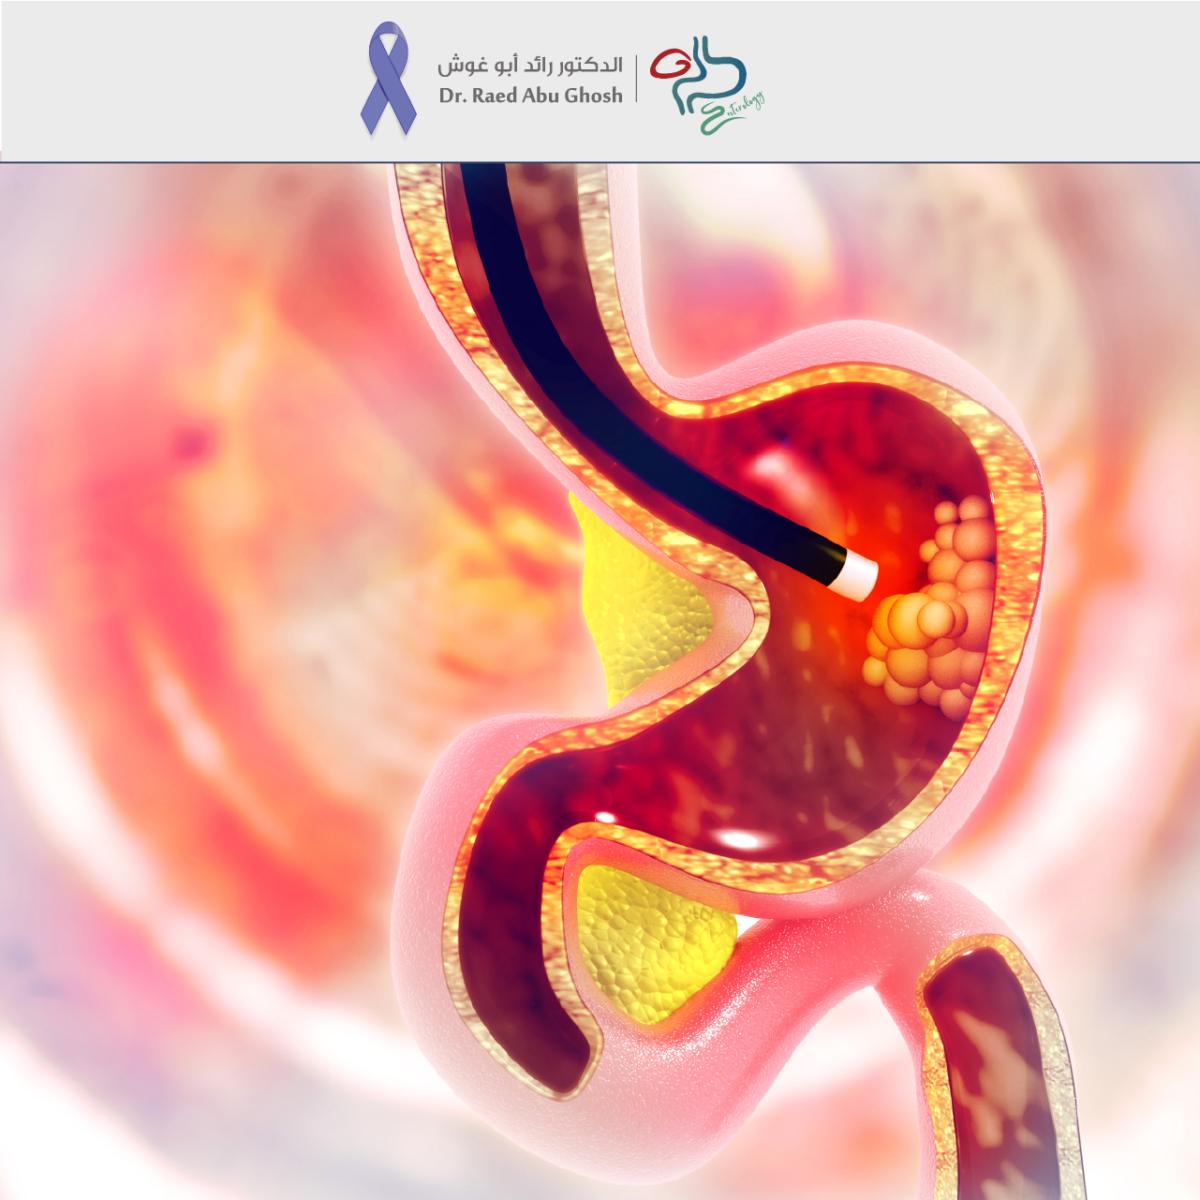 -رائد-سرطان-المعدة-1-1200x1200.png